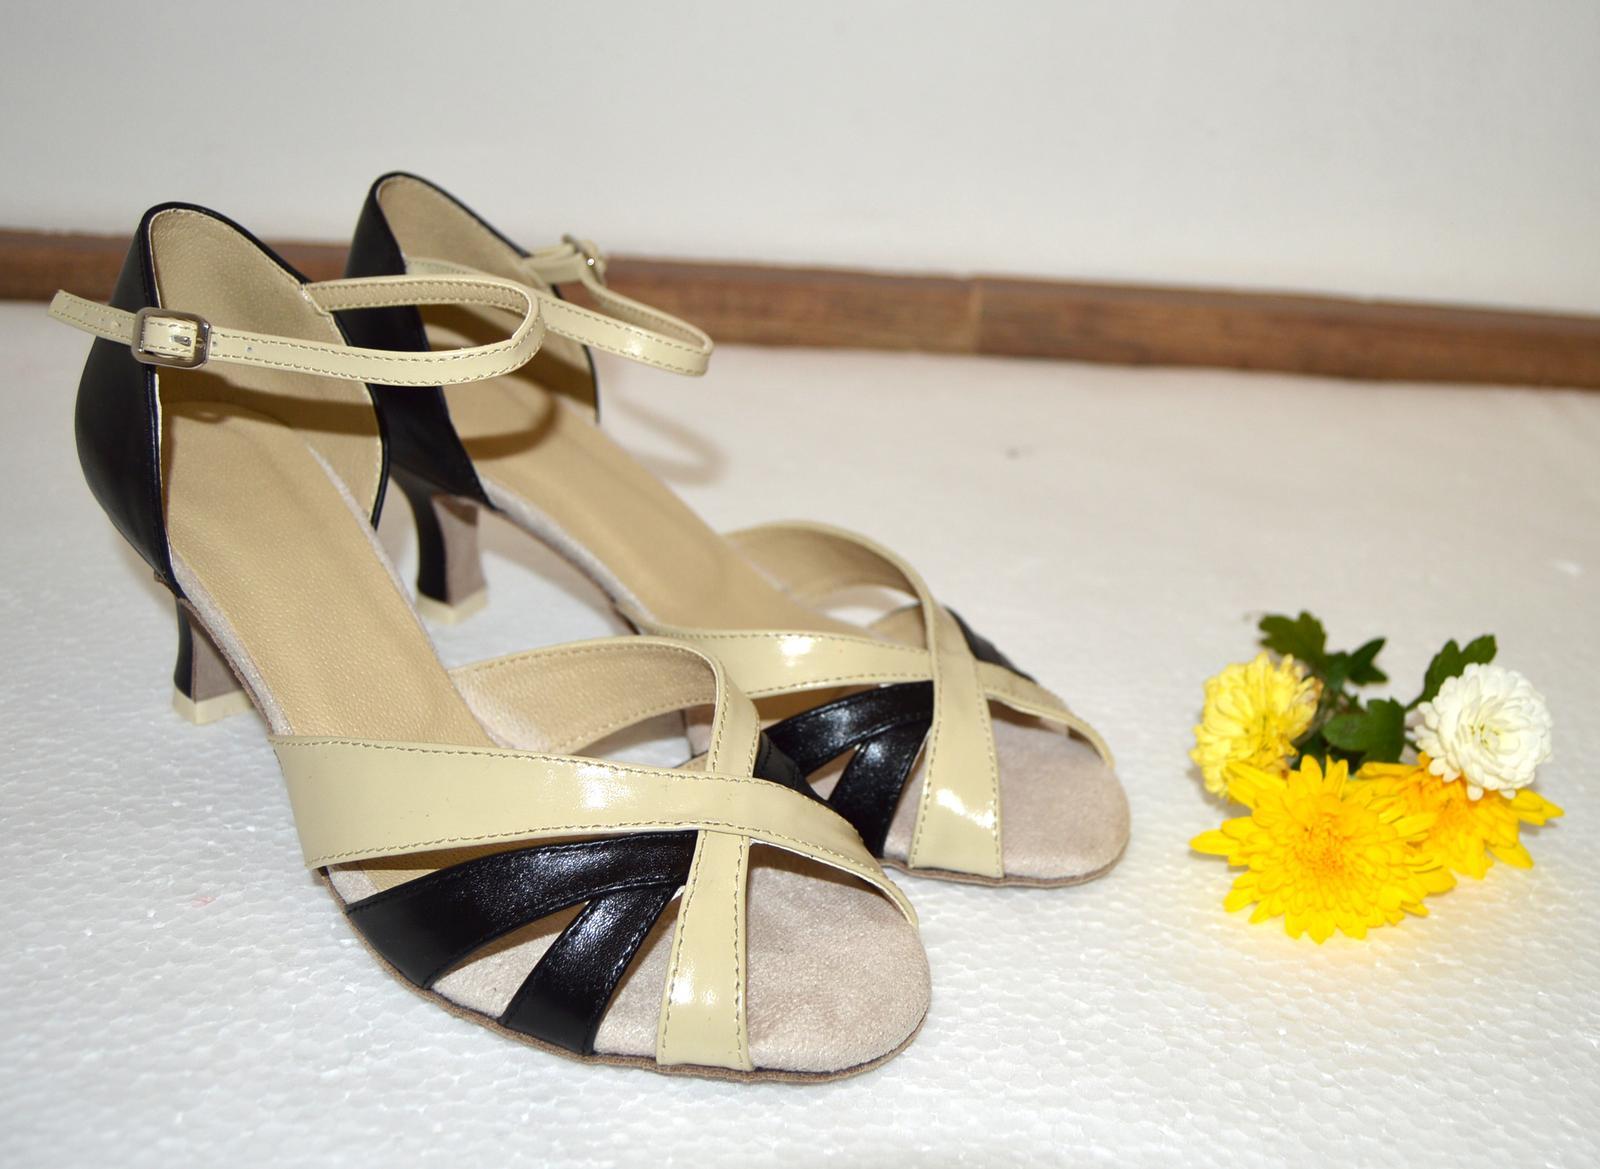 Svadobné topánky, inšpirácie z Vašich návrhov, farby biela, ivory, šampaň. - Topánky pre svadobnú maminu - kombinácia pravej kože čiernej a ecru (šampaň) - úpravy podľa želania klientky